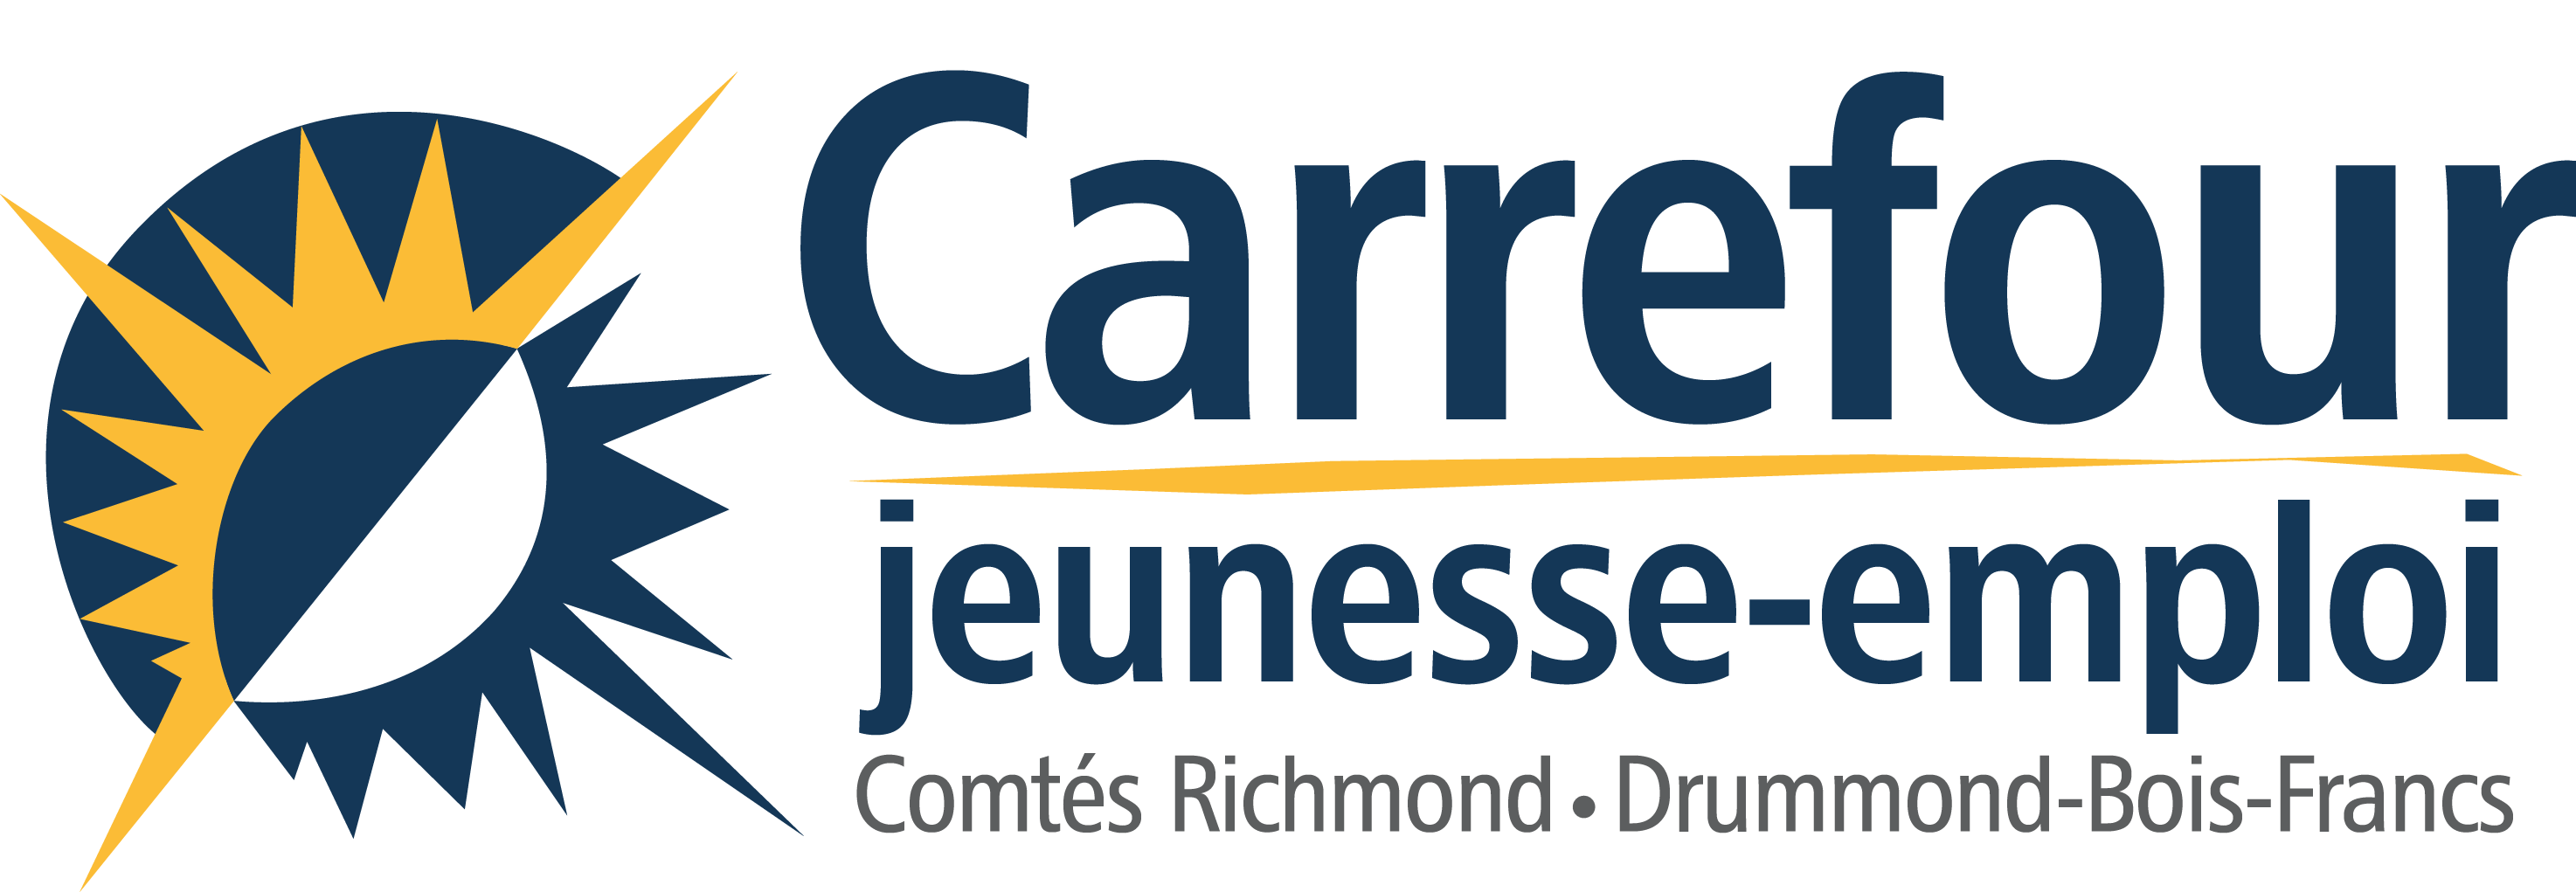 Carrefour jeunesse-emploi du comté de Richmond